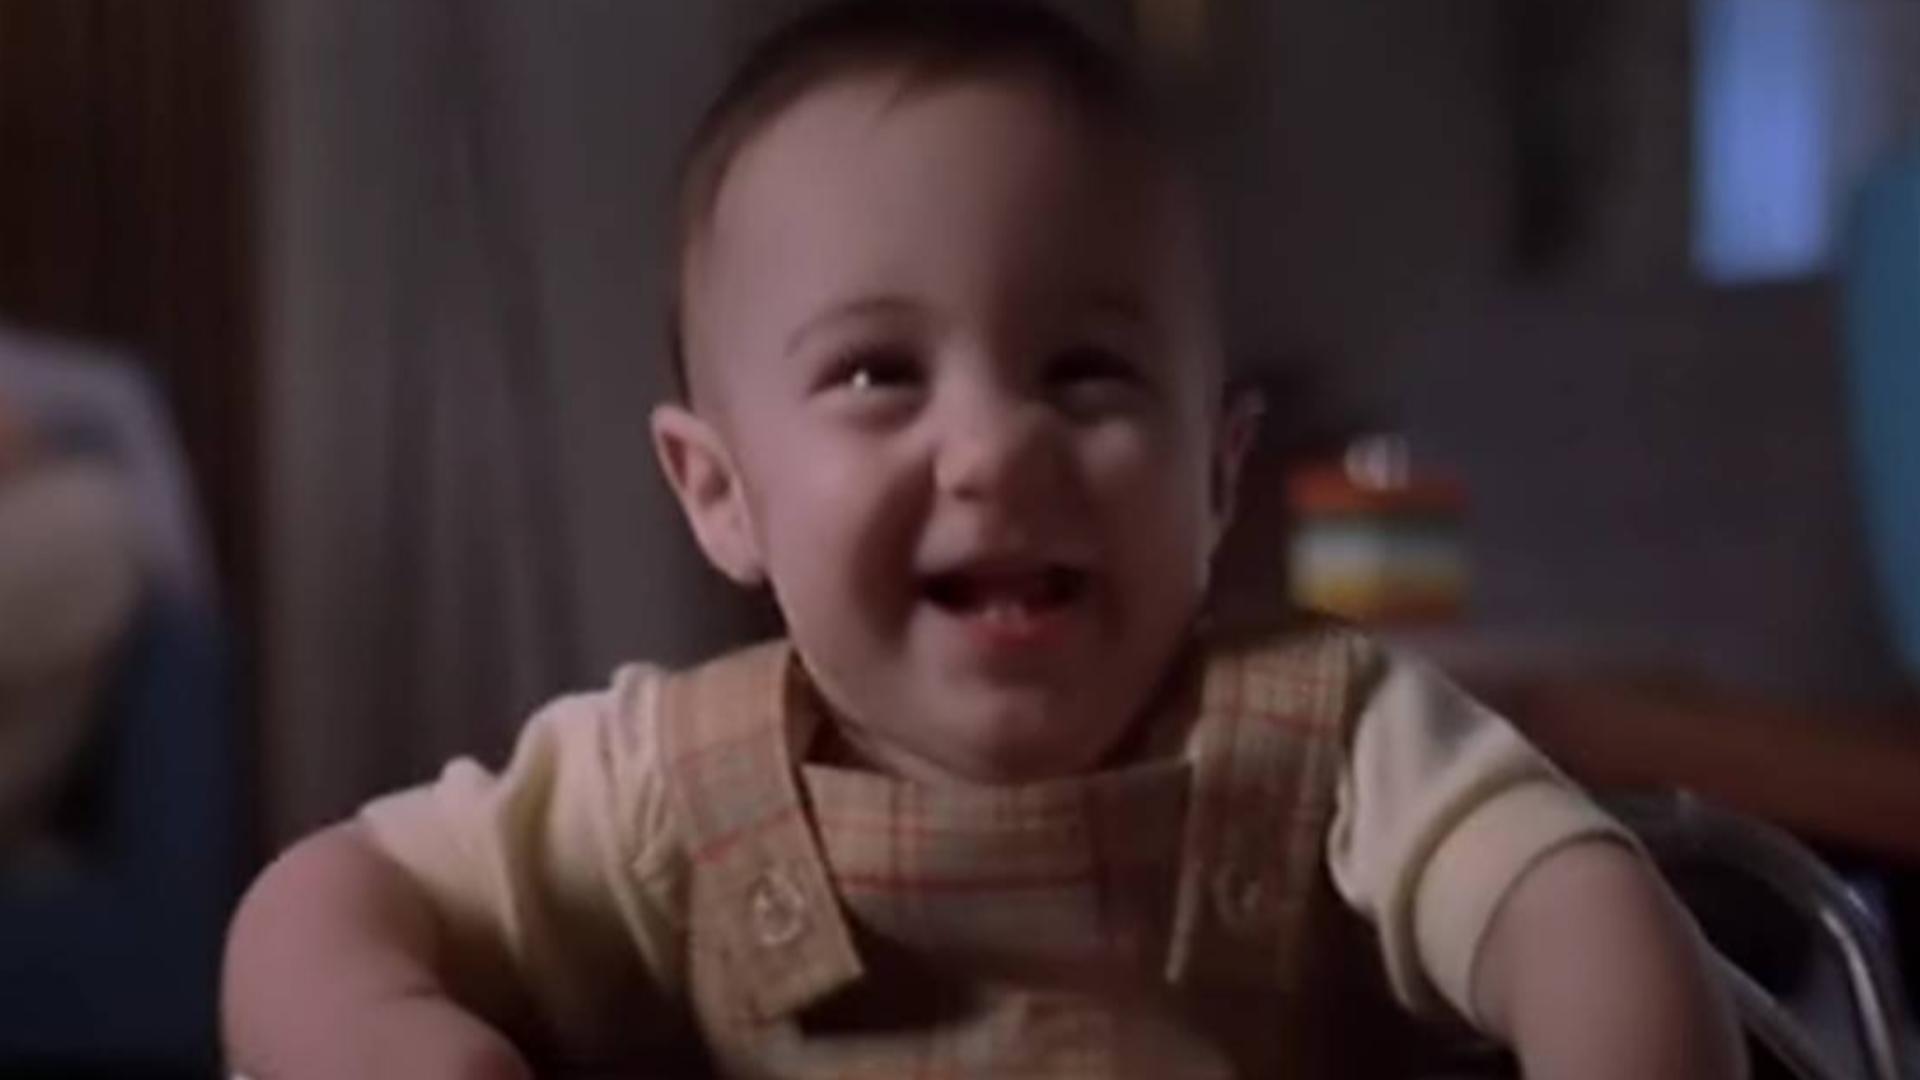 电影:小婴儿整天对墙笑,父母以为他神经病,却不想身边有鬼魂